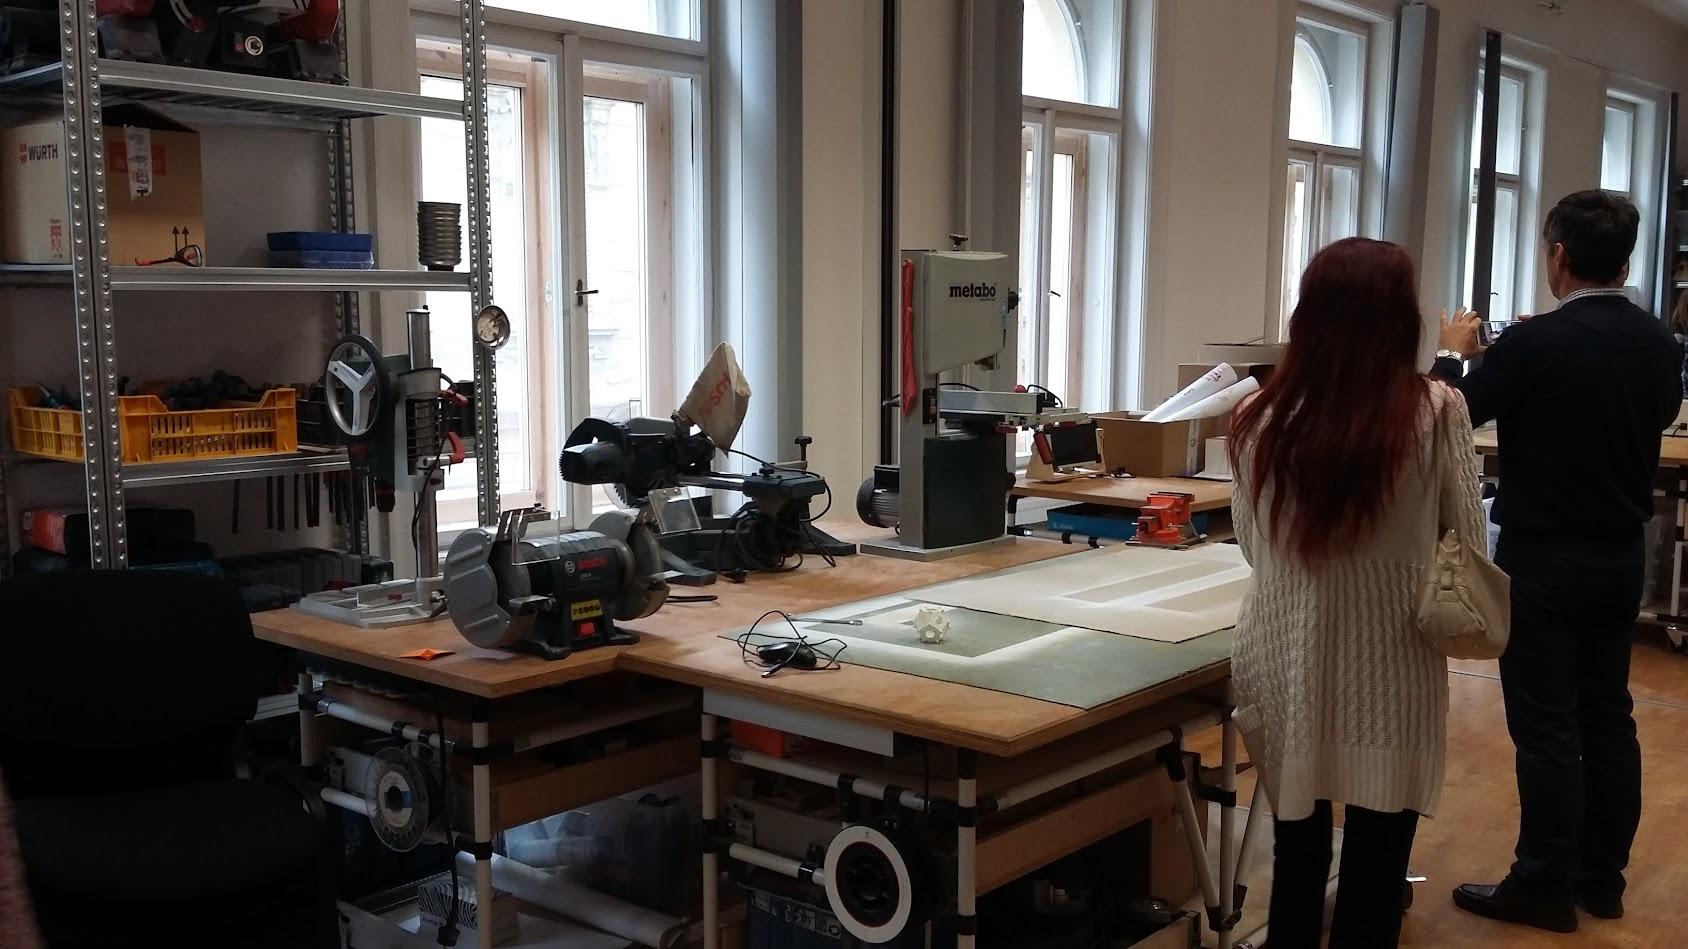 BSZC-Látogatás Budapesten a Makerspace műhelyben